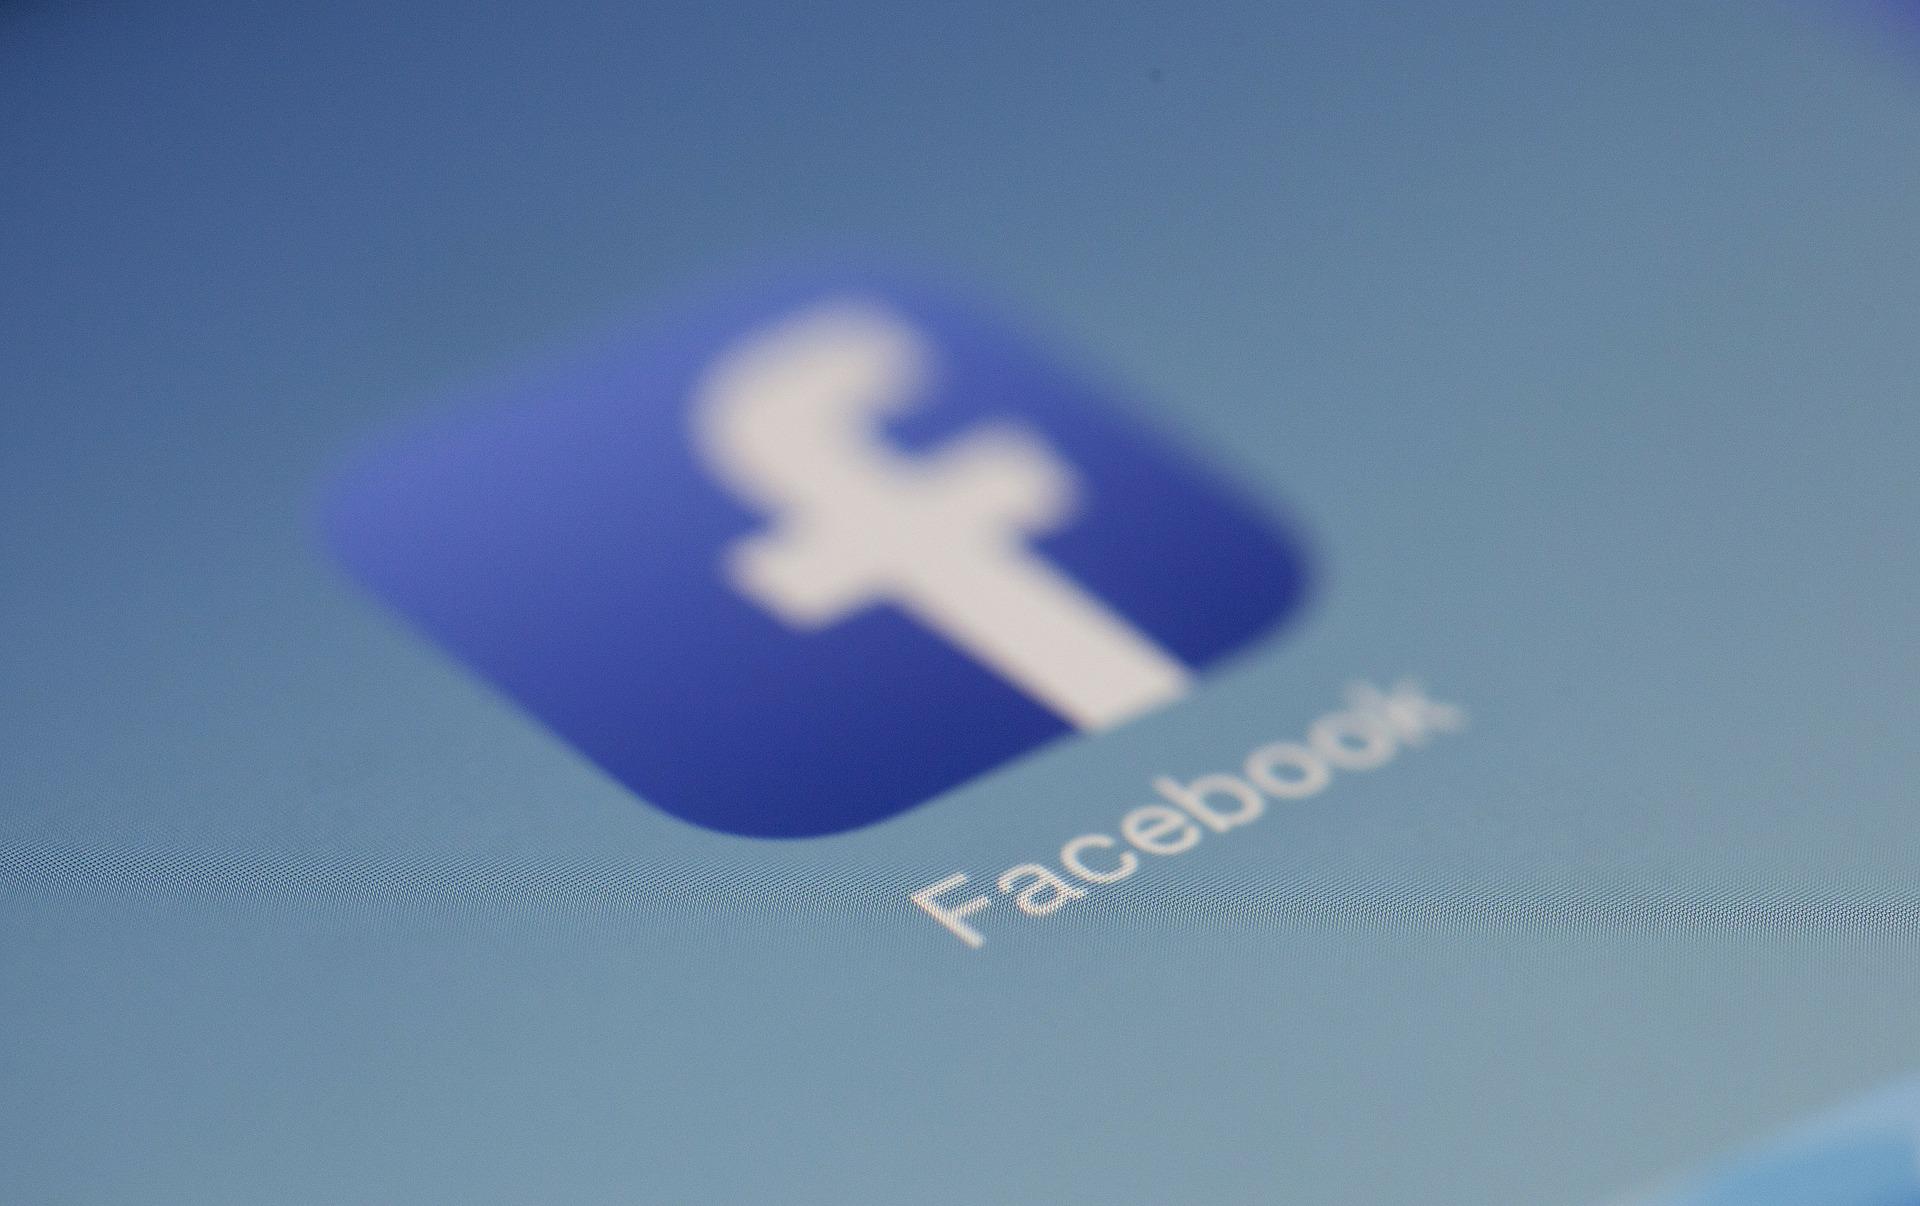 Евродепутаты обратились в ЕК насчёт мер по противодействию цензуре в Facebook